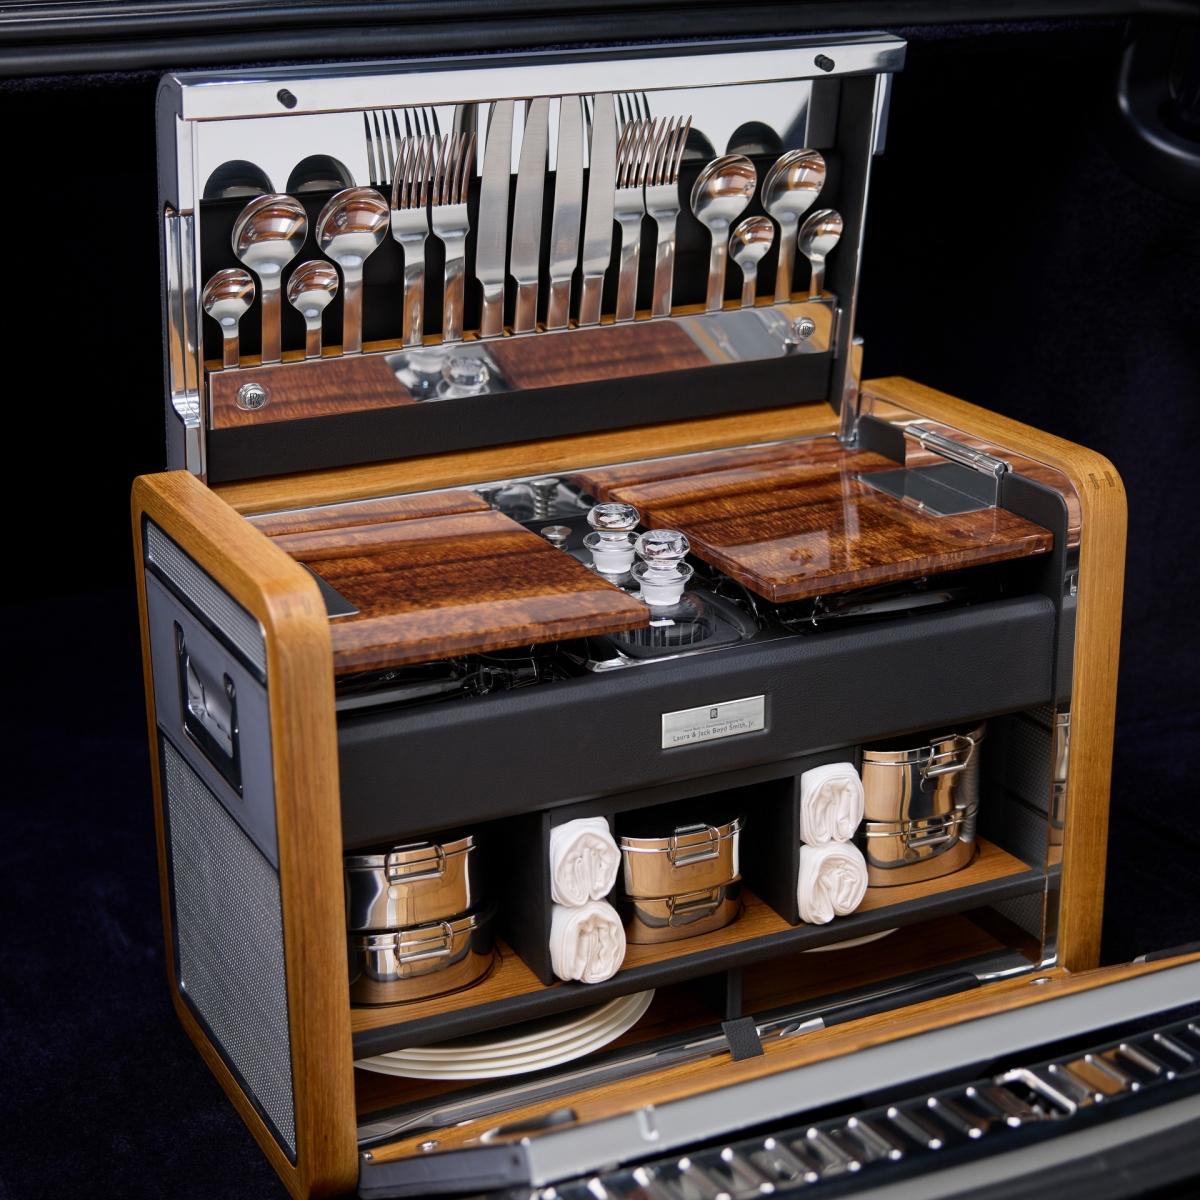 Rolls-Royce Phantom thế hệ thứ VIII được trang bị khối động cơ V12 6.75 lít với khả năng sản sinh công suất tối đa lên tới 563 mã lực, mô-men xoắn cực đại 900 Nm. Xe được trang bị hộp số tự động 8 cấp cùng hệ thống treo khí nén tự cân bằng, nhờ đó đem lại tính ổn định cũng như sự êm ái khi chiếc xe lướt đi. Xe có khả năng tăng tốc từ 0 – 100 km/h trong vòng 5,3 giây và có khả năng đạt tốc độ tối đa lên tới 250 km/h.